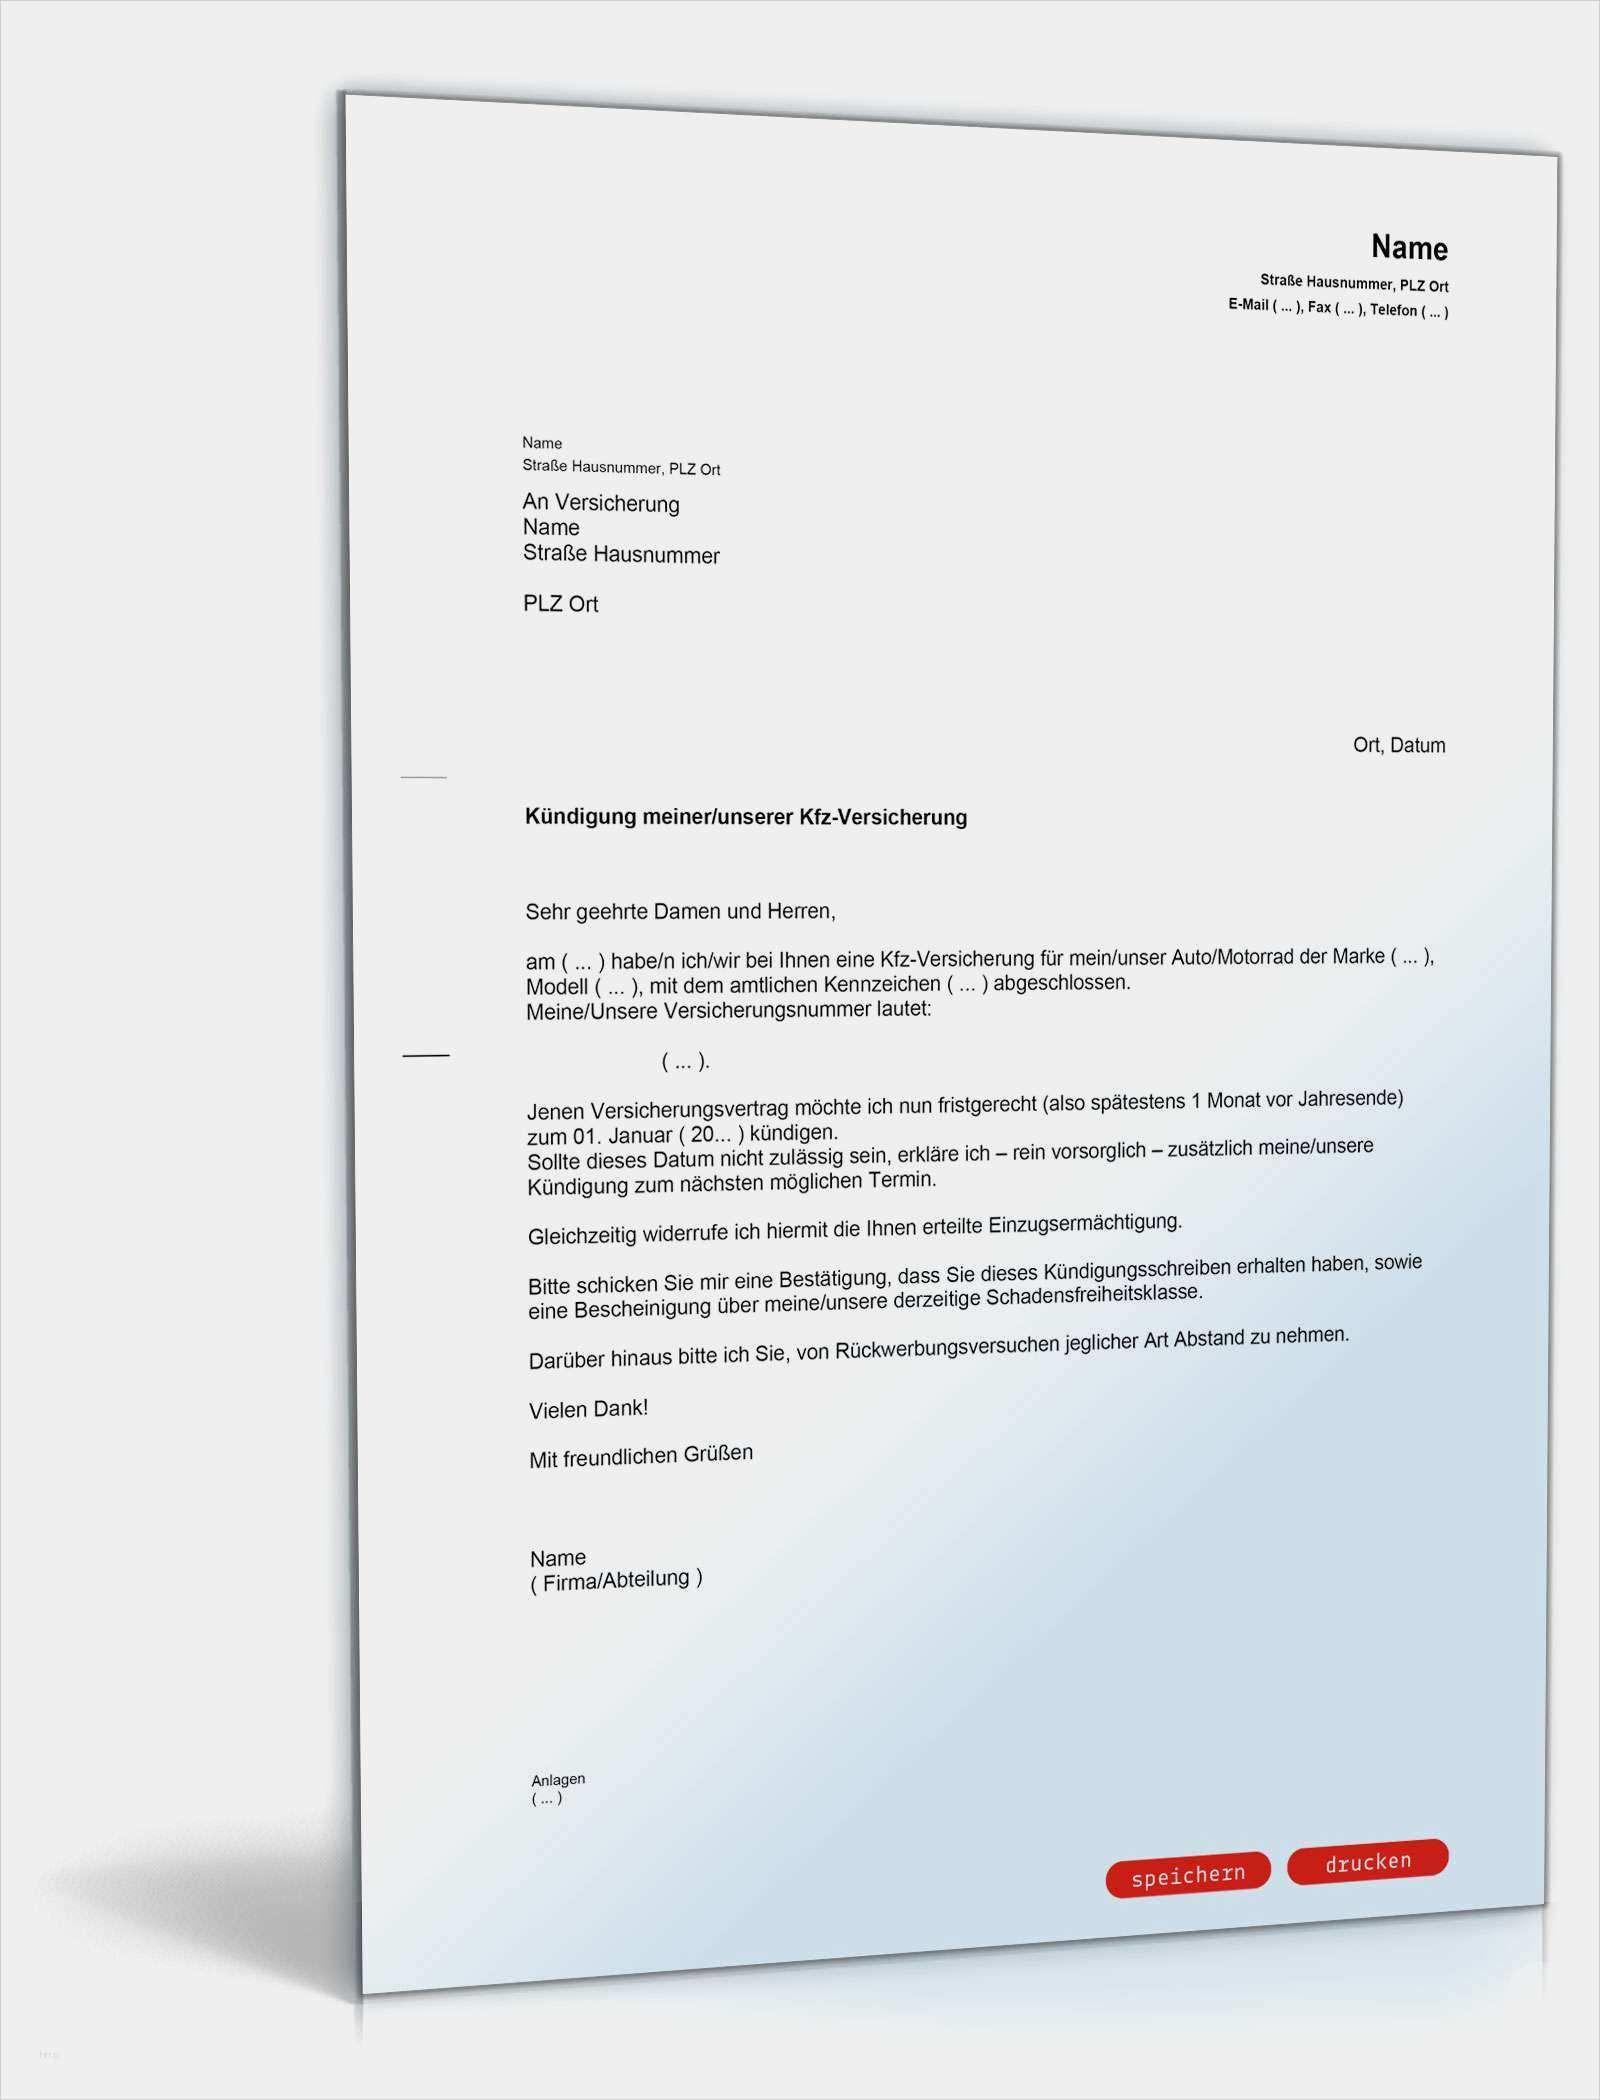 Wunderbar Vorlage Kundigung Kfz Versicherung Sonderkundigungsrecht Galerie In 2020 Kfz Versicherung Lebenslauf Vorlagen Word Lebenslauf